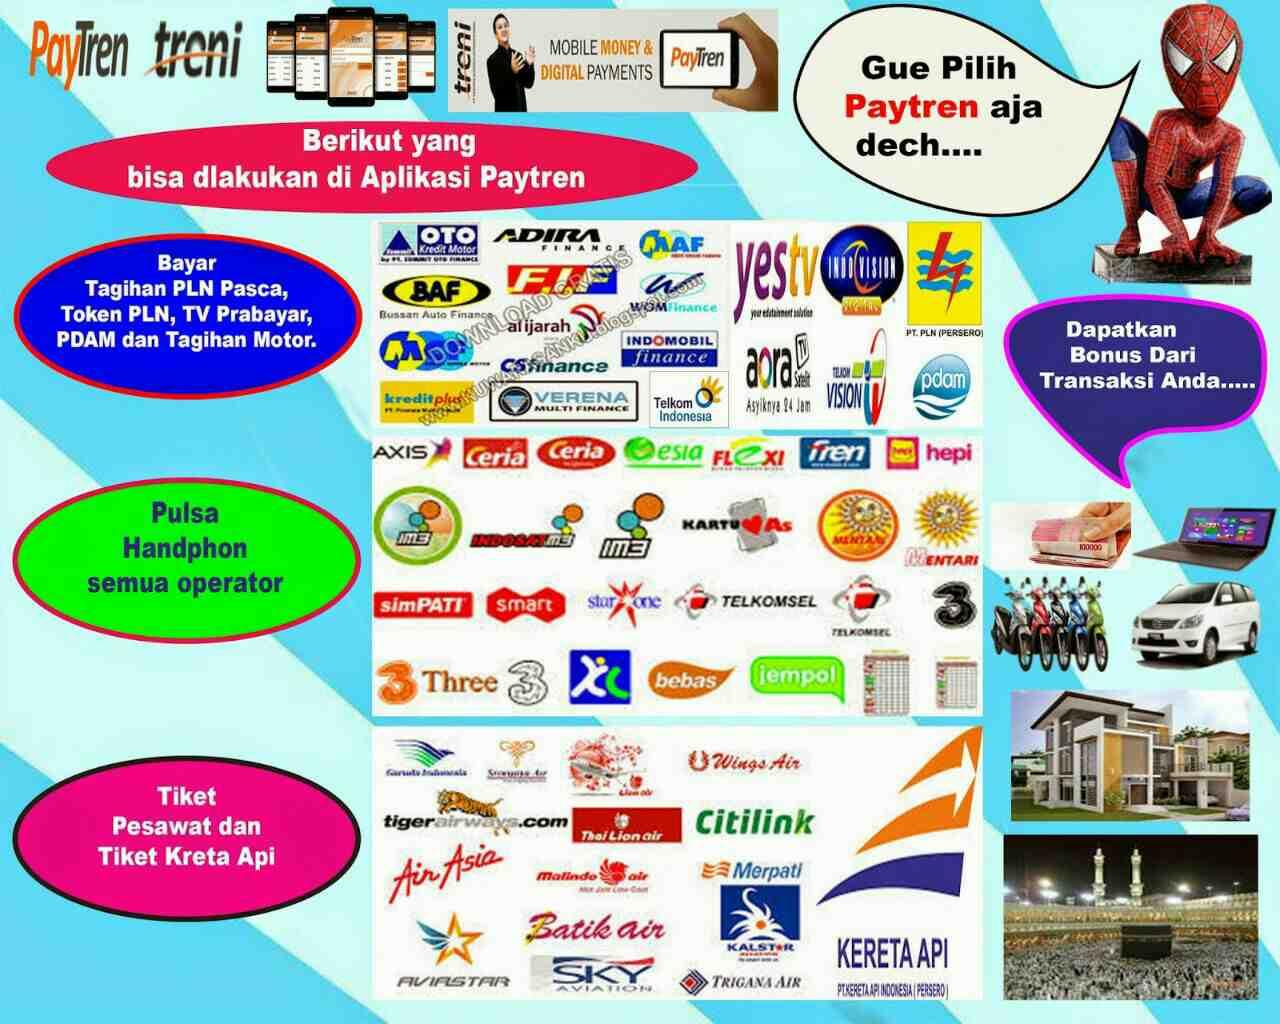 Foto: Aplikasi Paytren